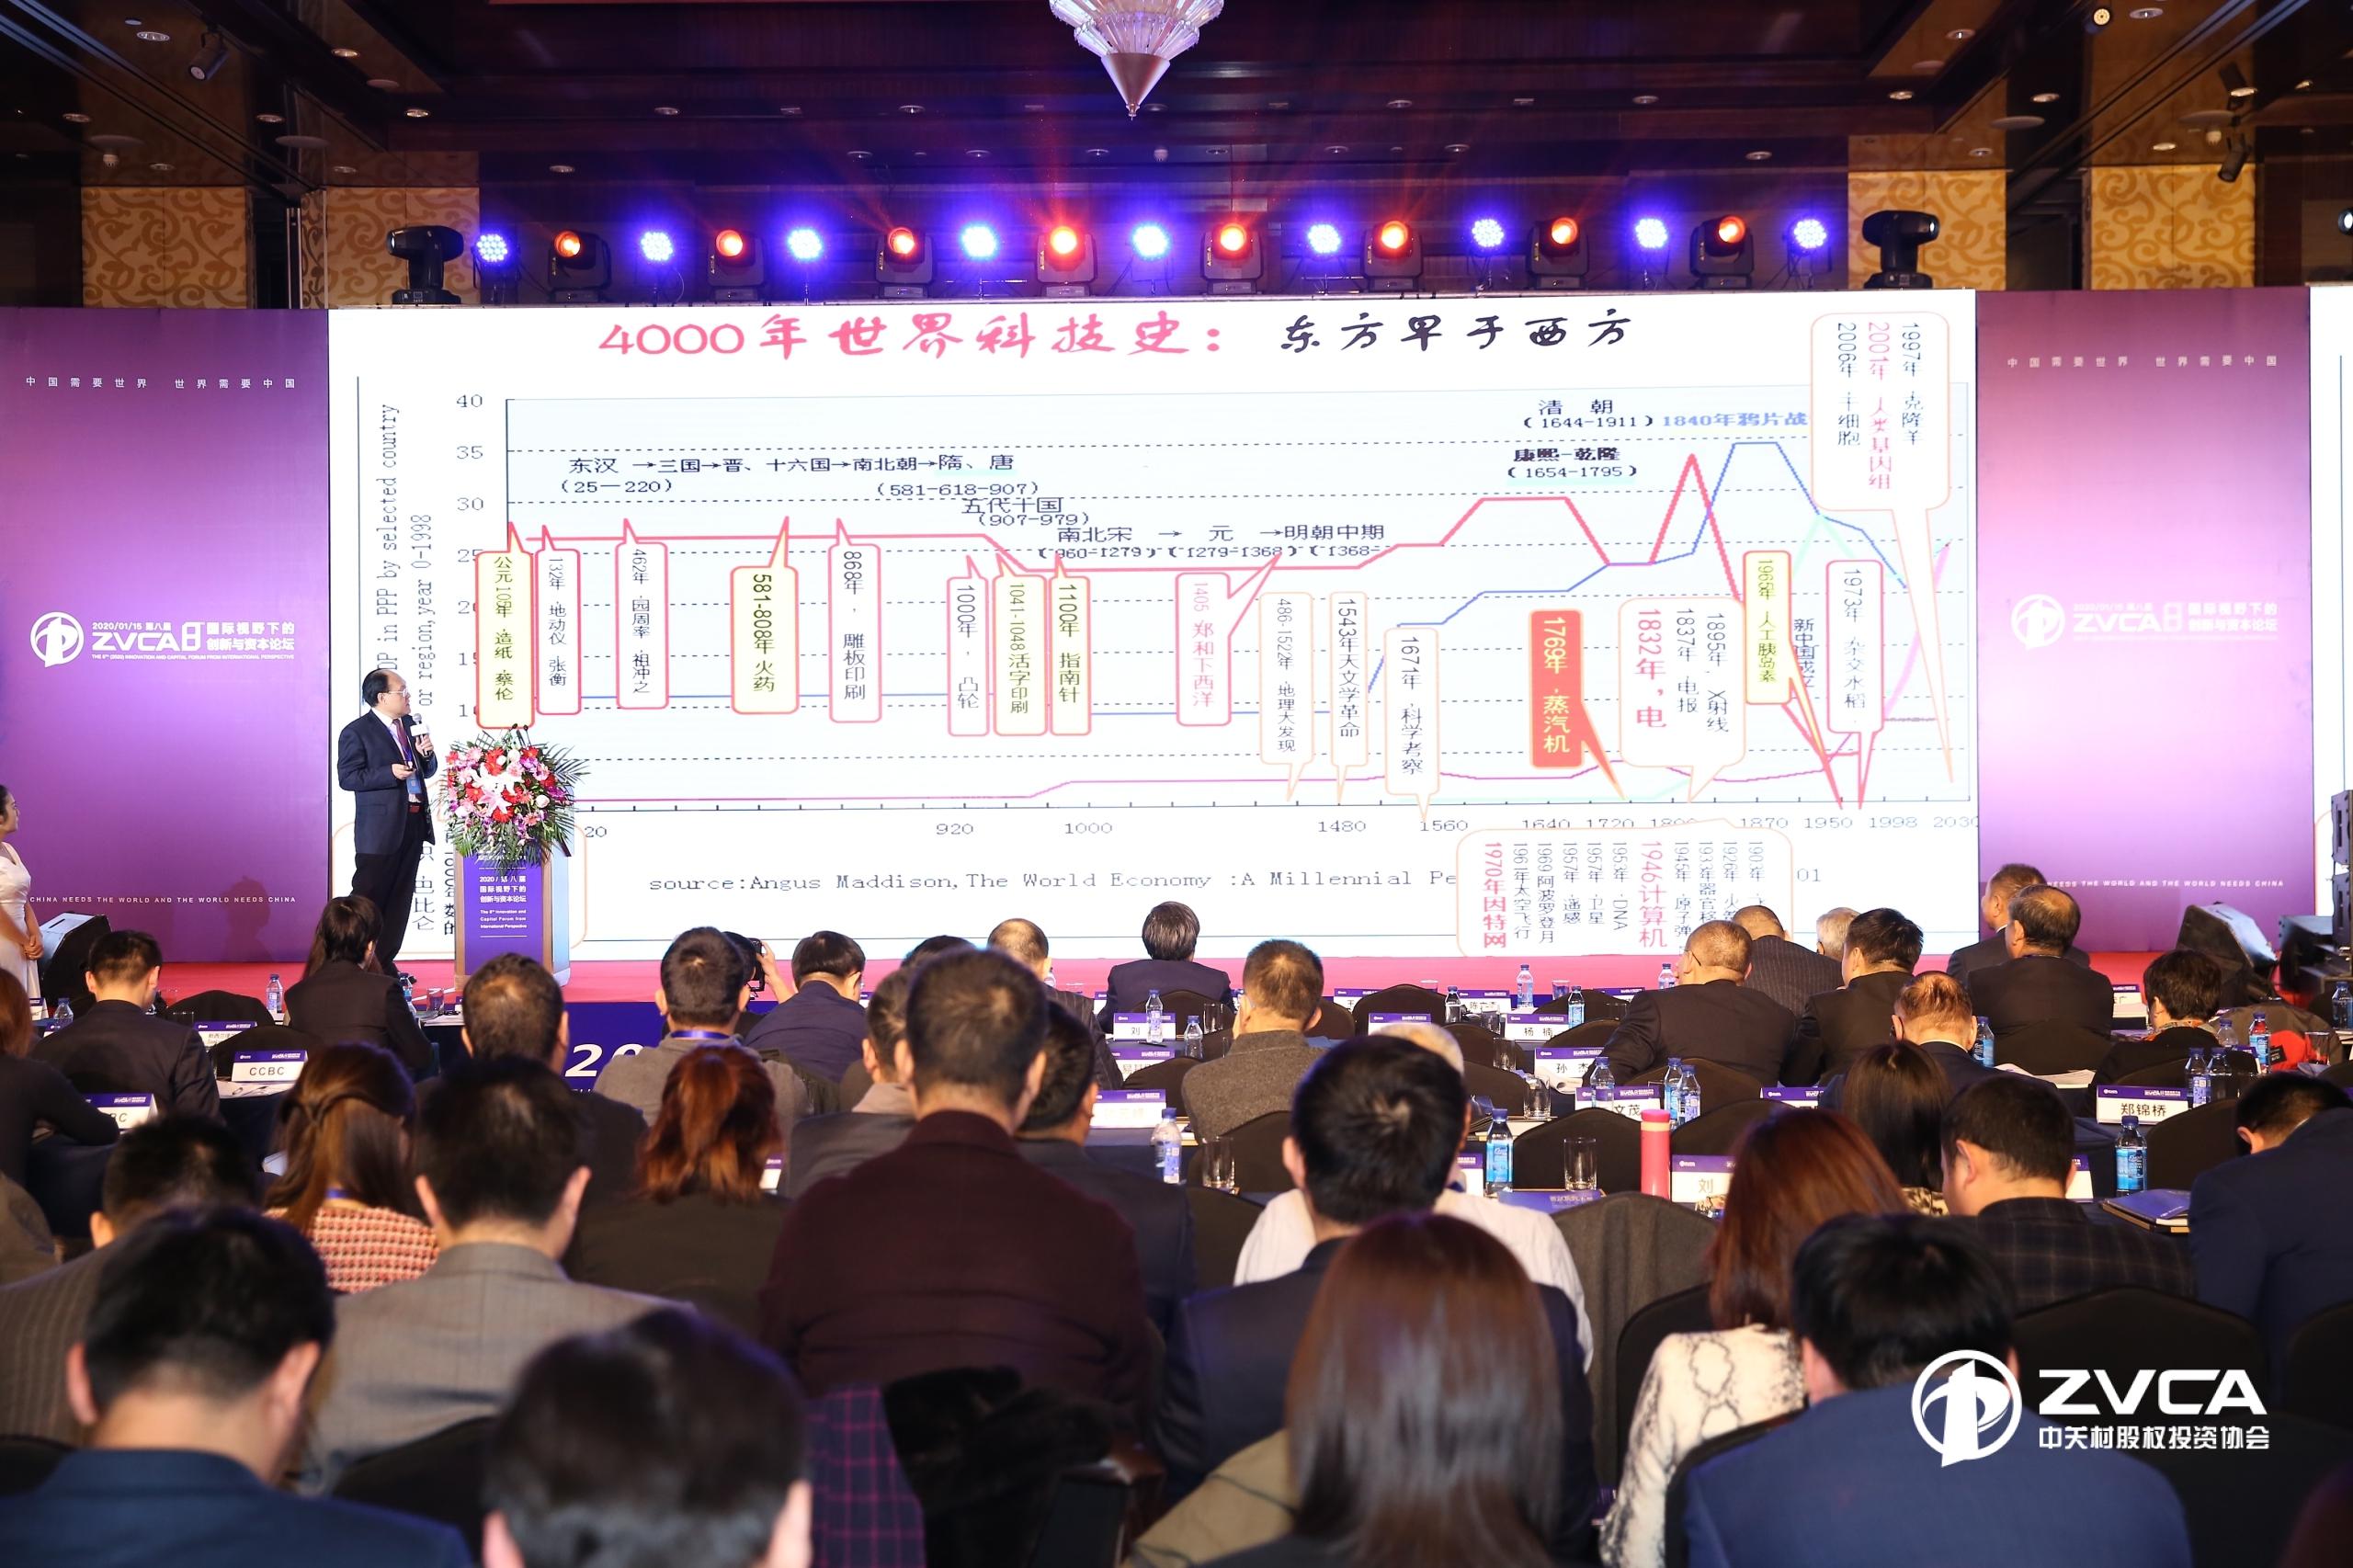 原科技部发展战略研究院副院长王宏广:世界经济发展的六大趋势